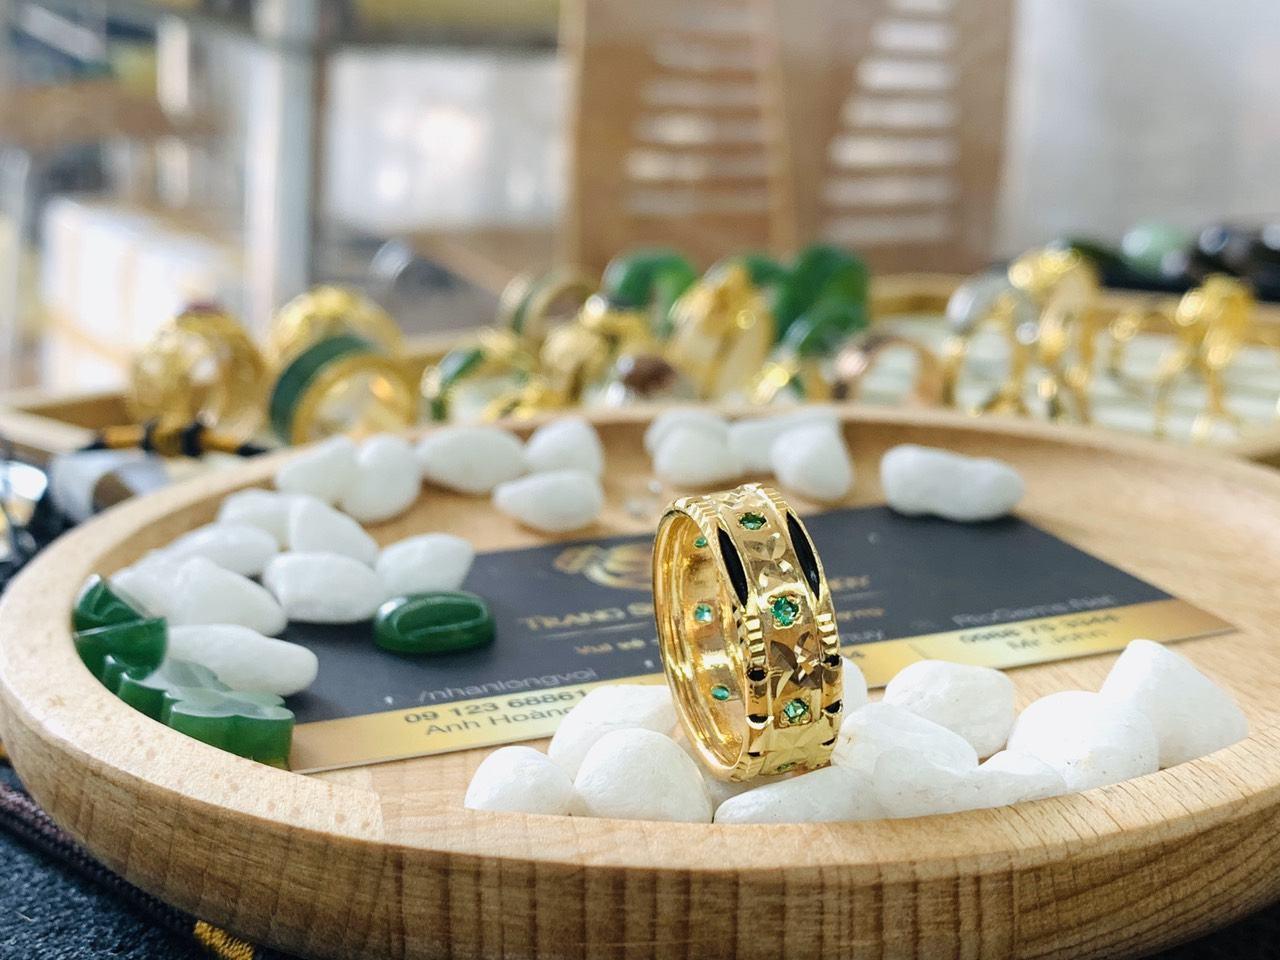 Nhẫn nam đính 9 viên đá xanh lá 2 viền lông voi vàng phong thủy Riogems